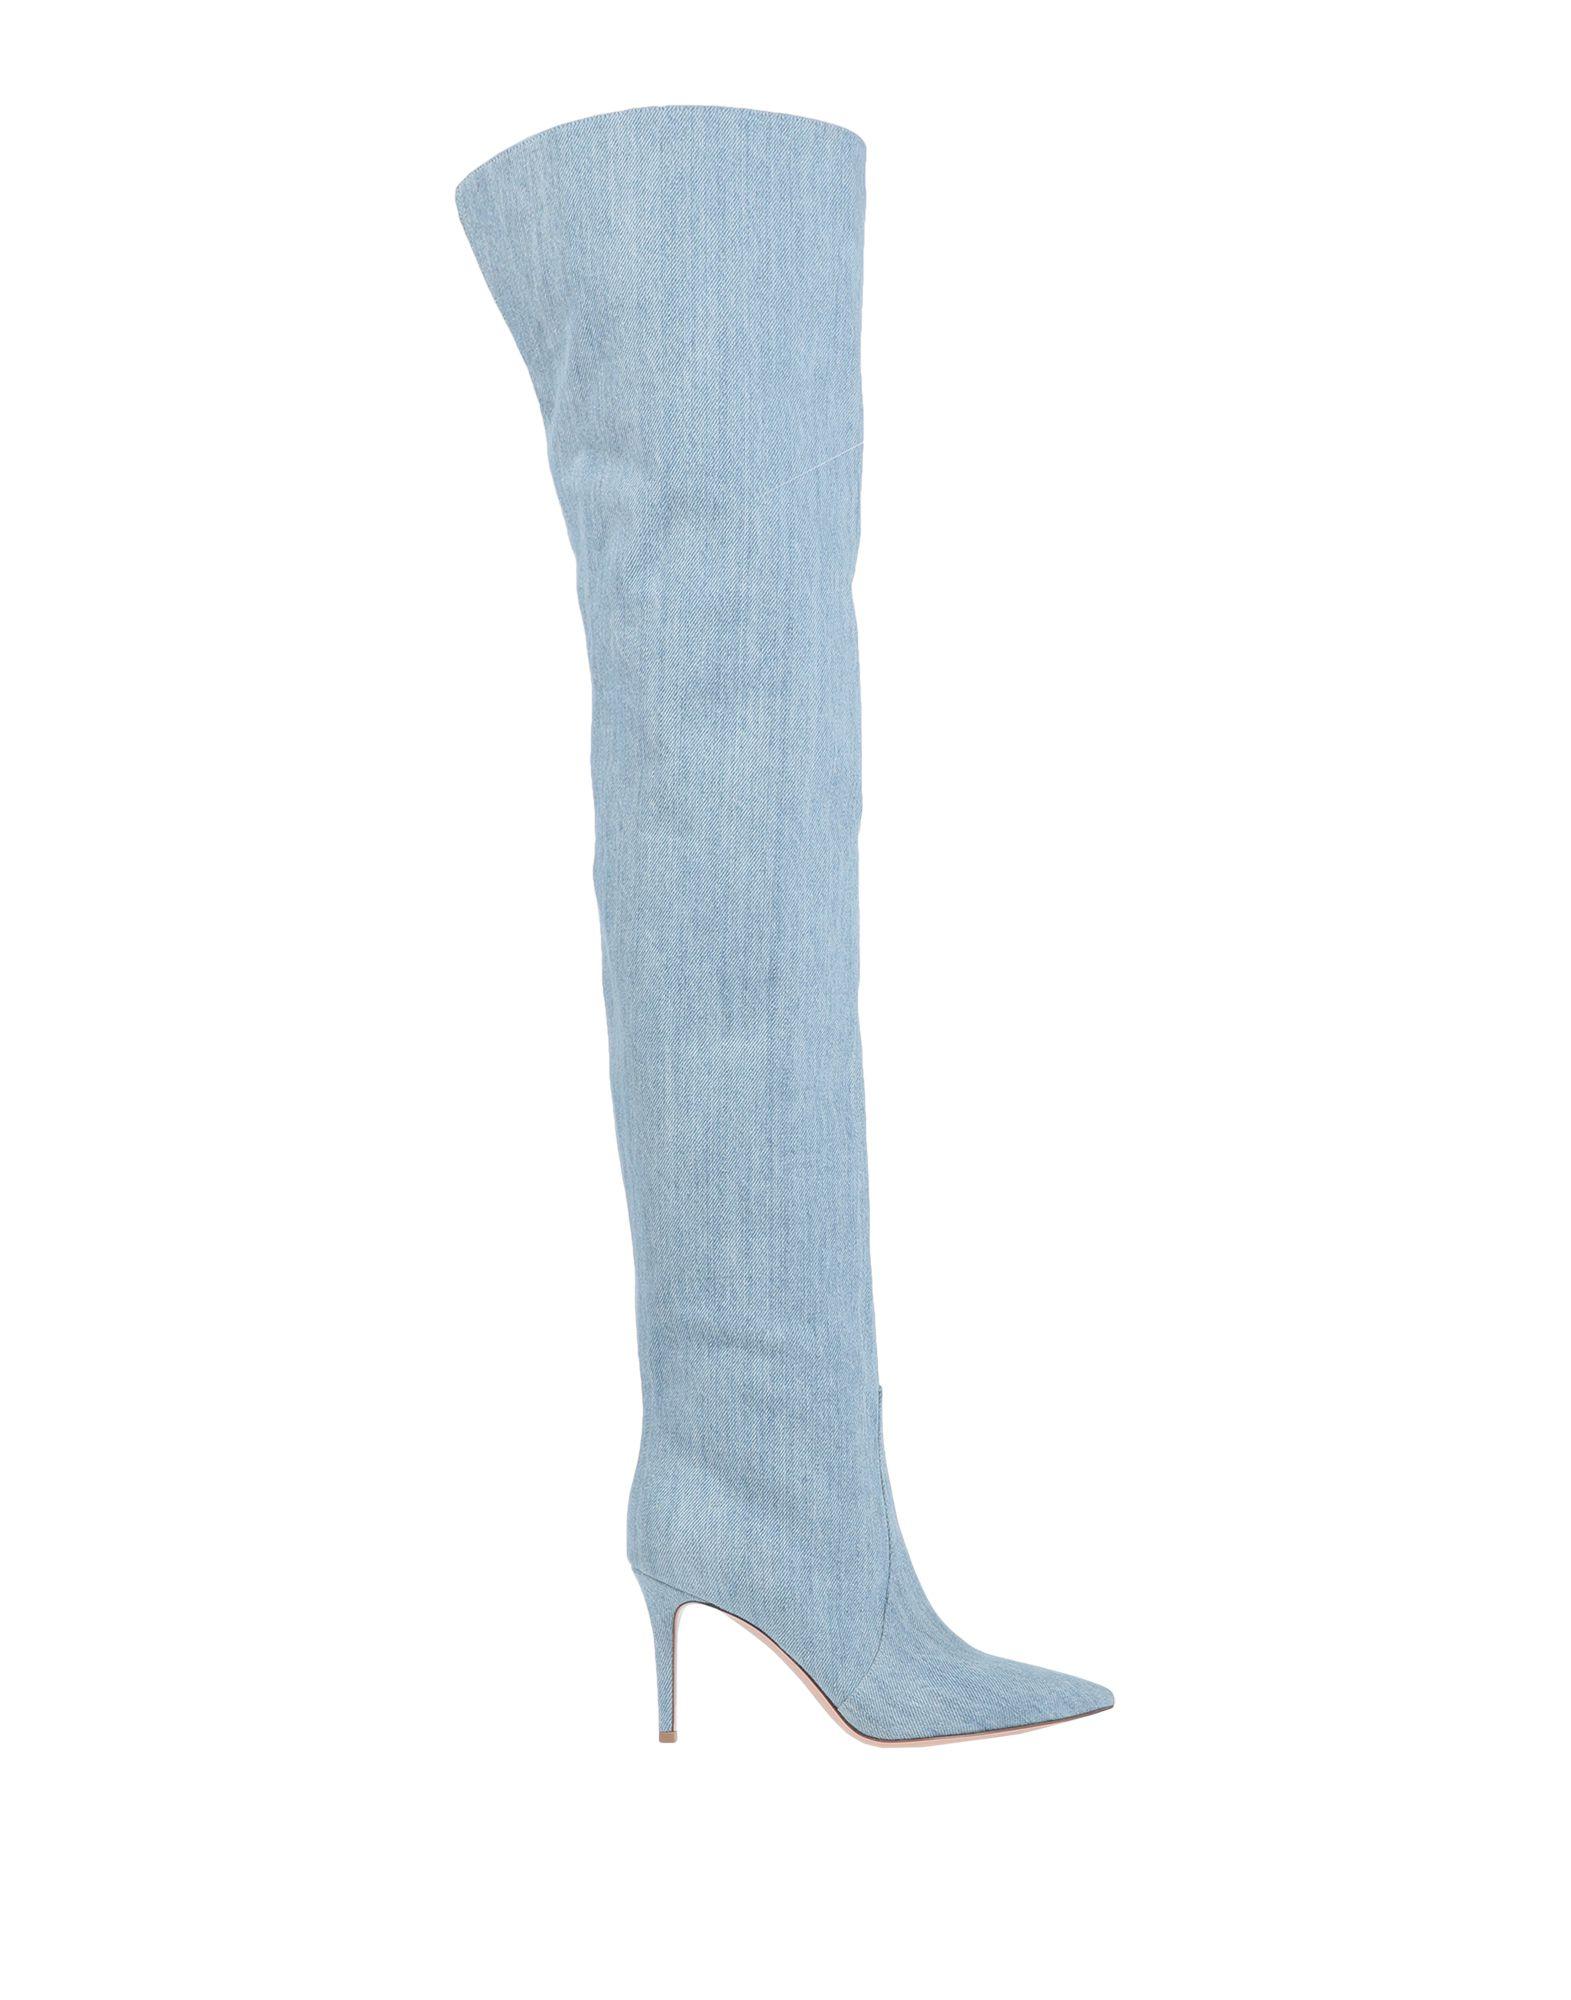 зимние ботинки коламбия женские купить